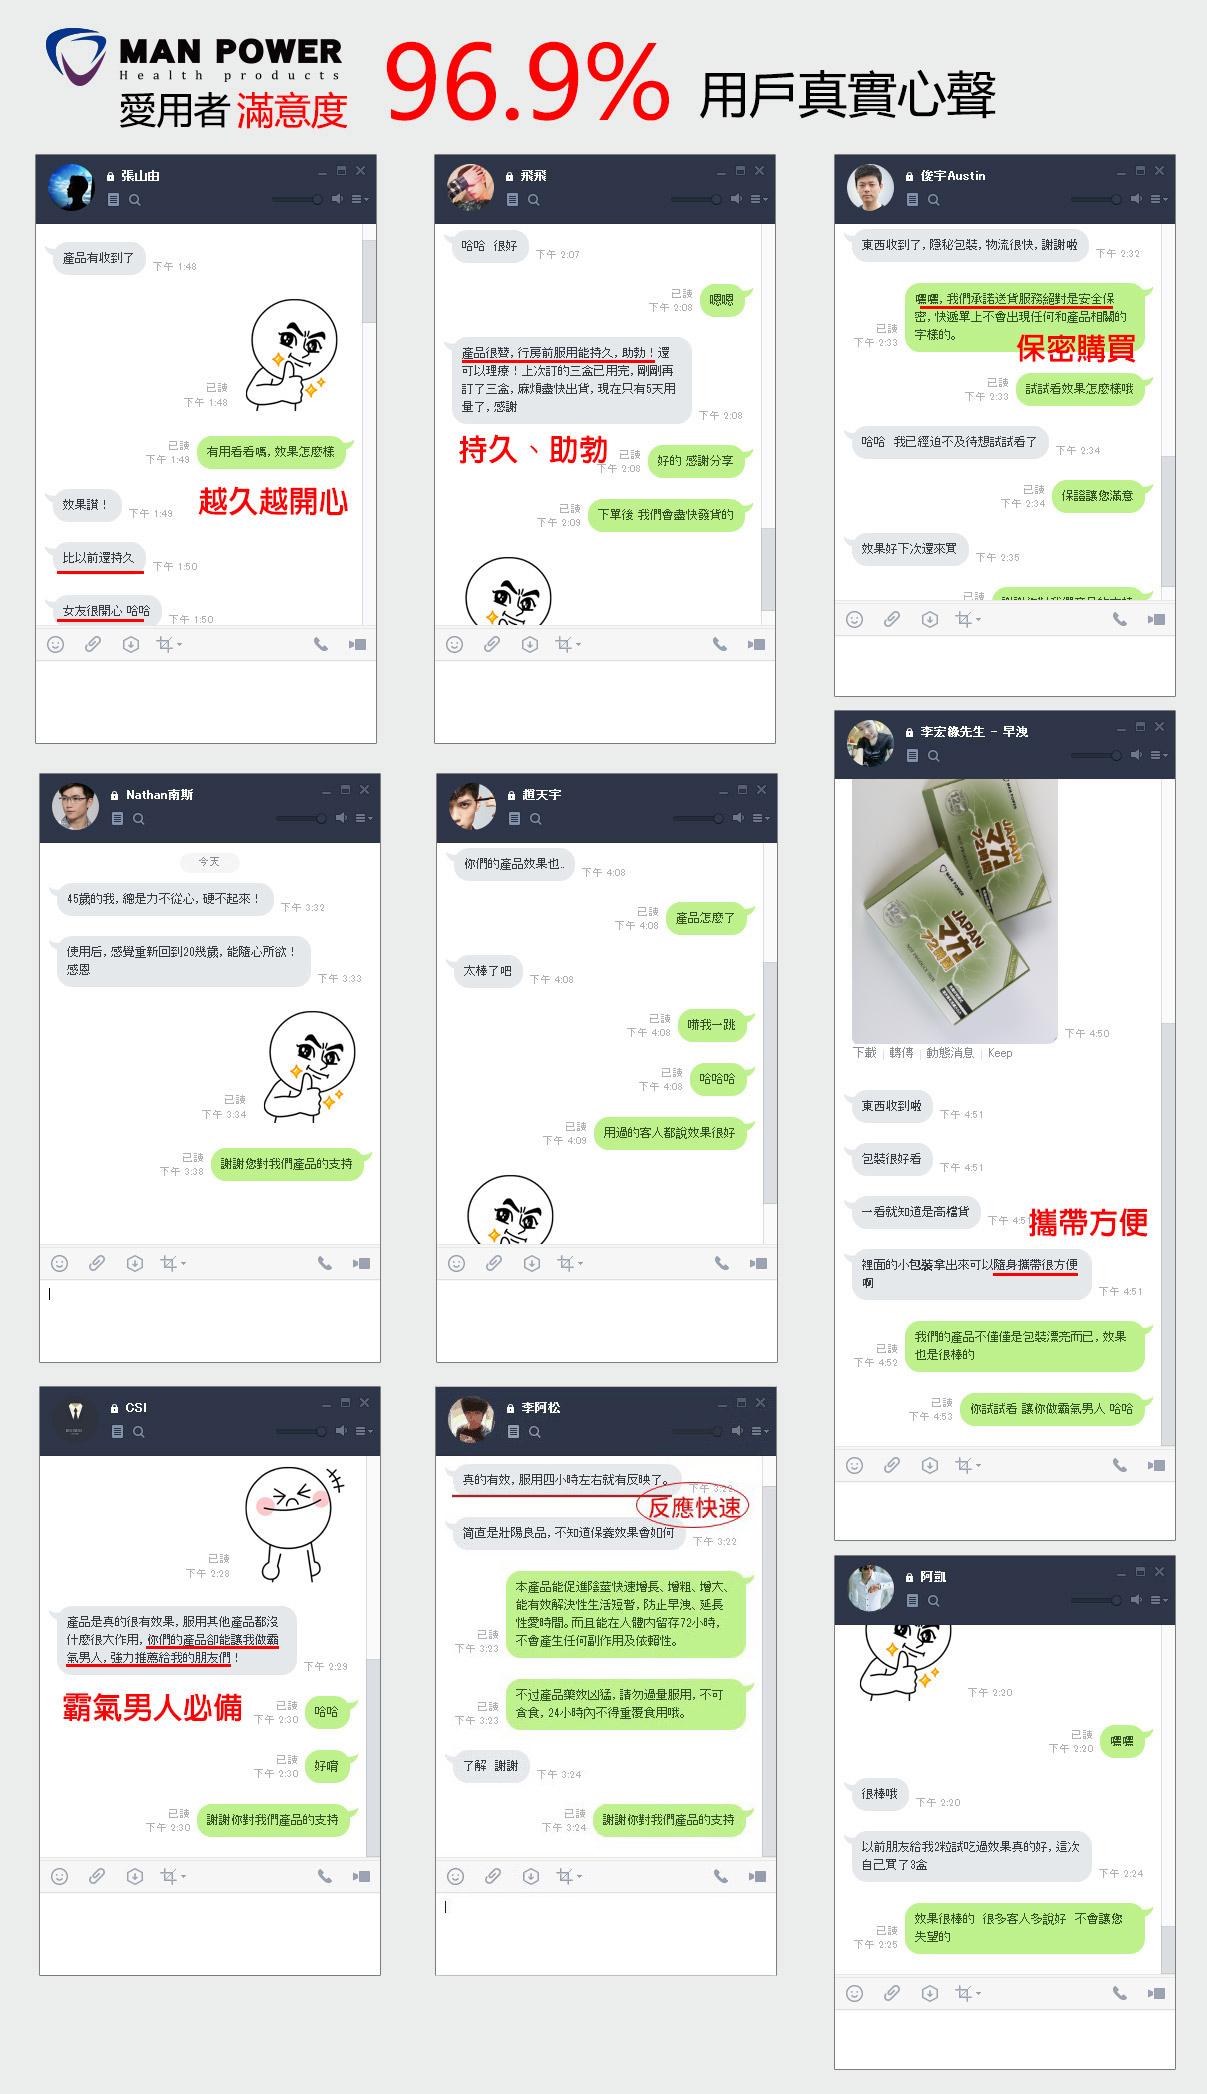 日本瑪卡用戶使用心得評價